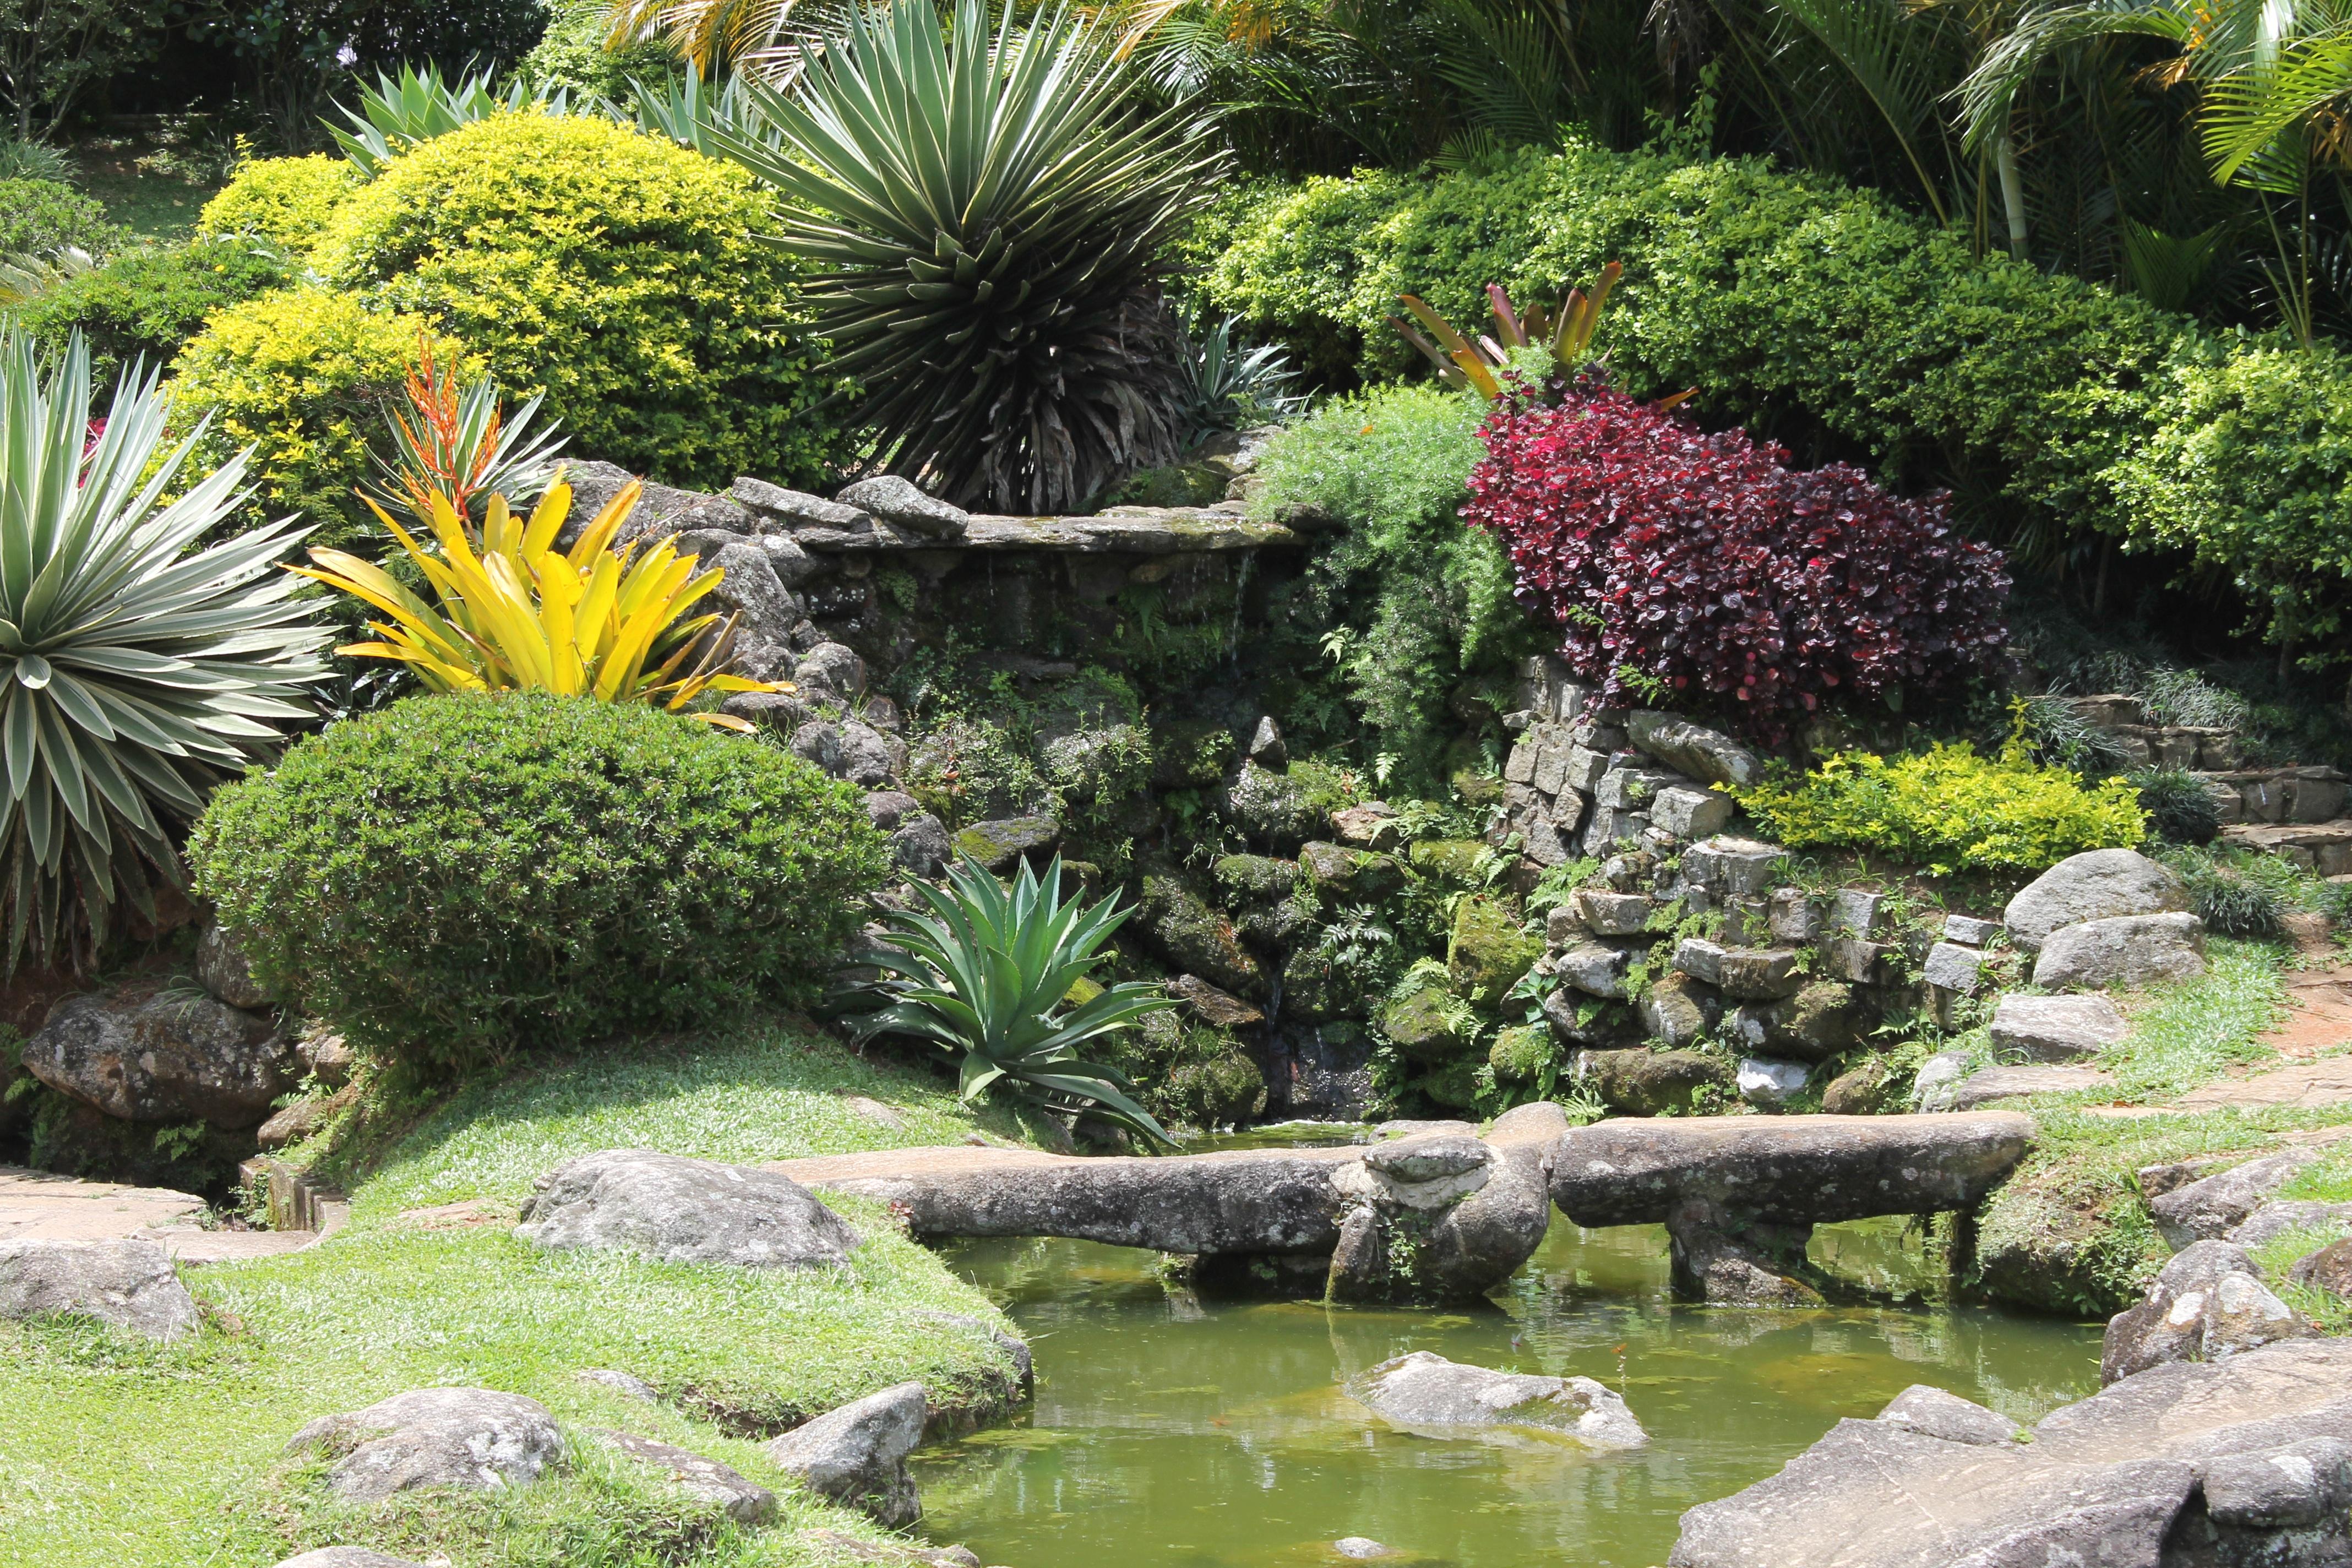 Fotos gratis : naturaleza, césped, flor, patio interior, botánica ...